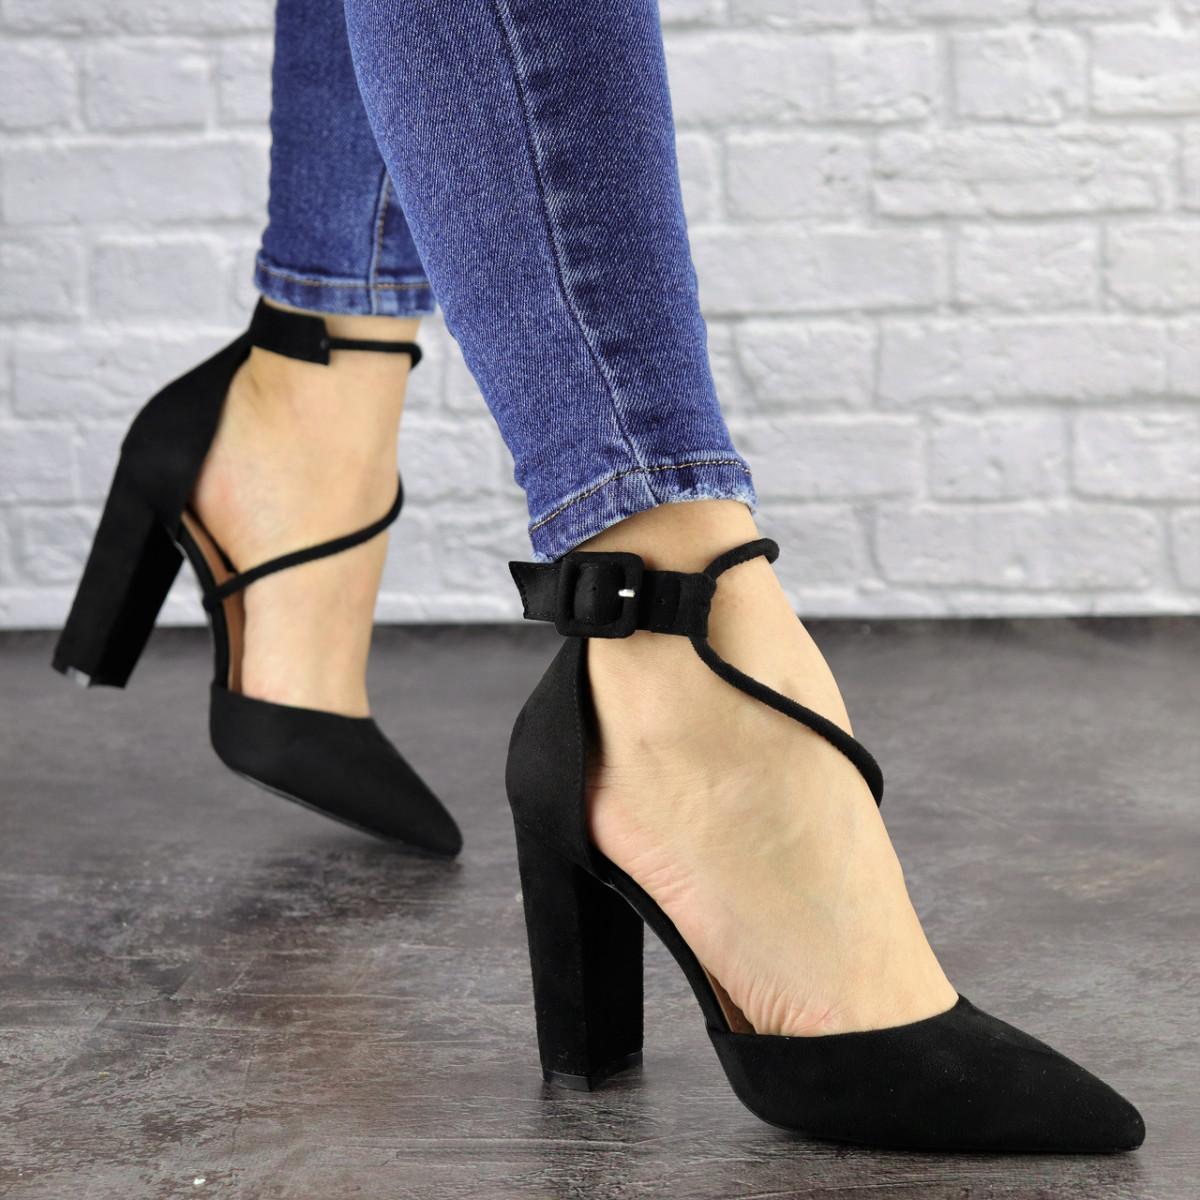 Туфли женские на каблуке черные Noisette 1481 (40 размер)